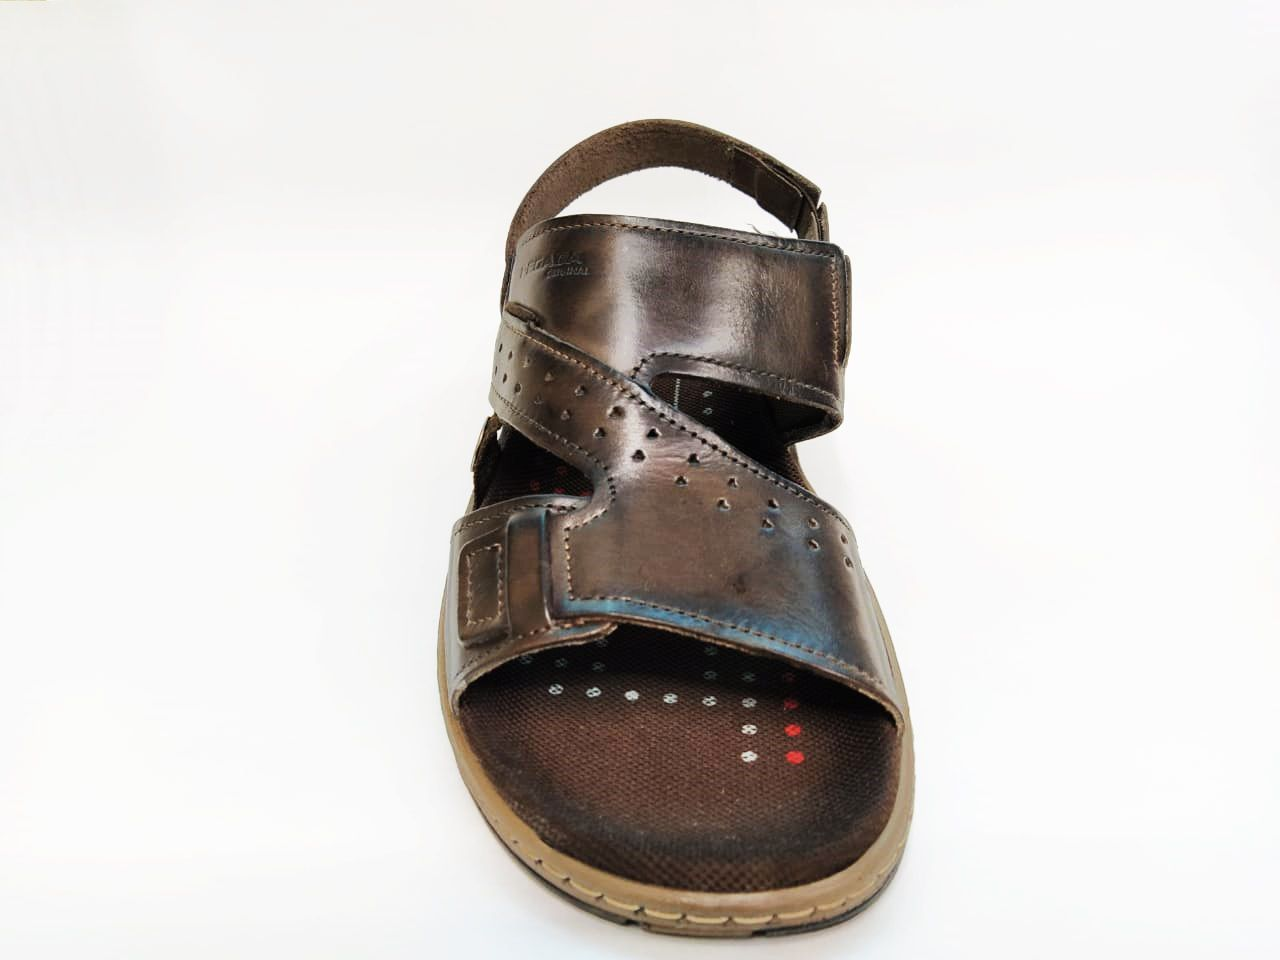 Sandalia Pegada 132221-03 - Cravo